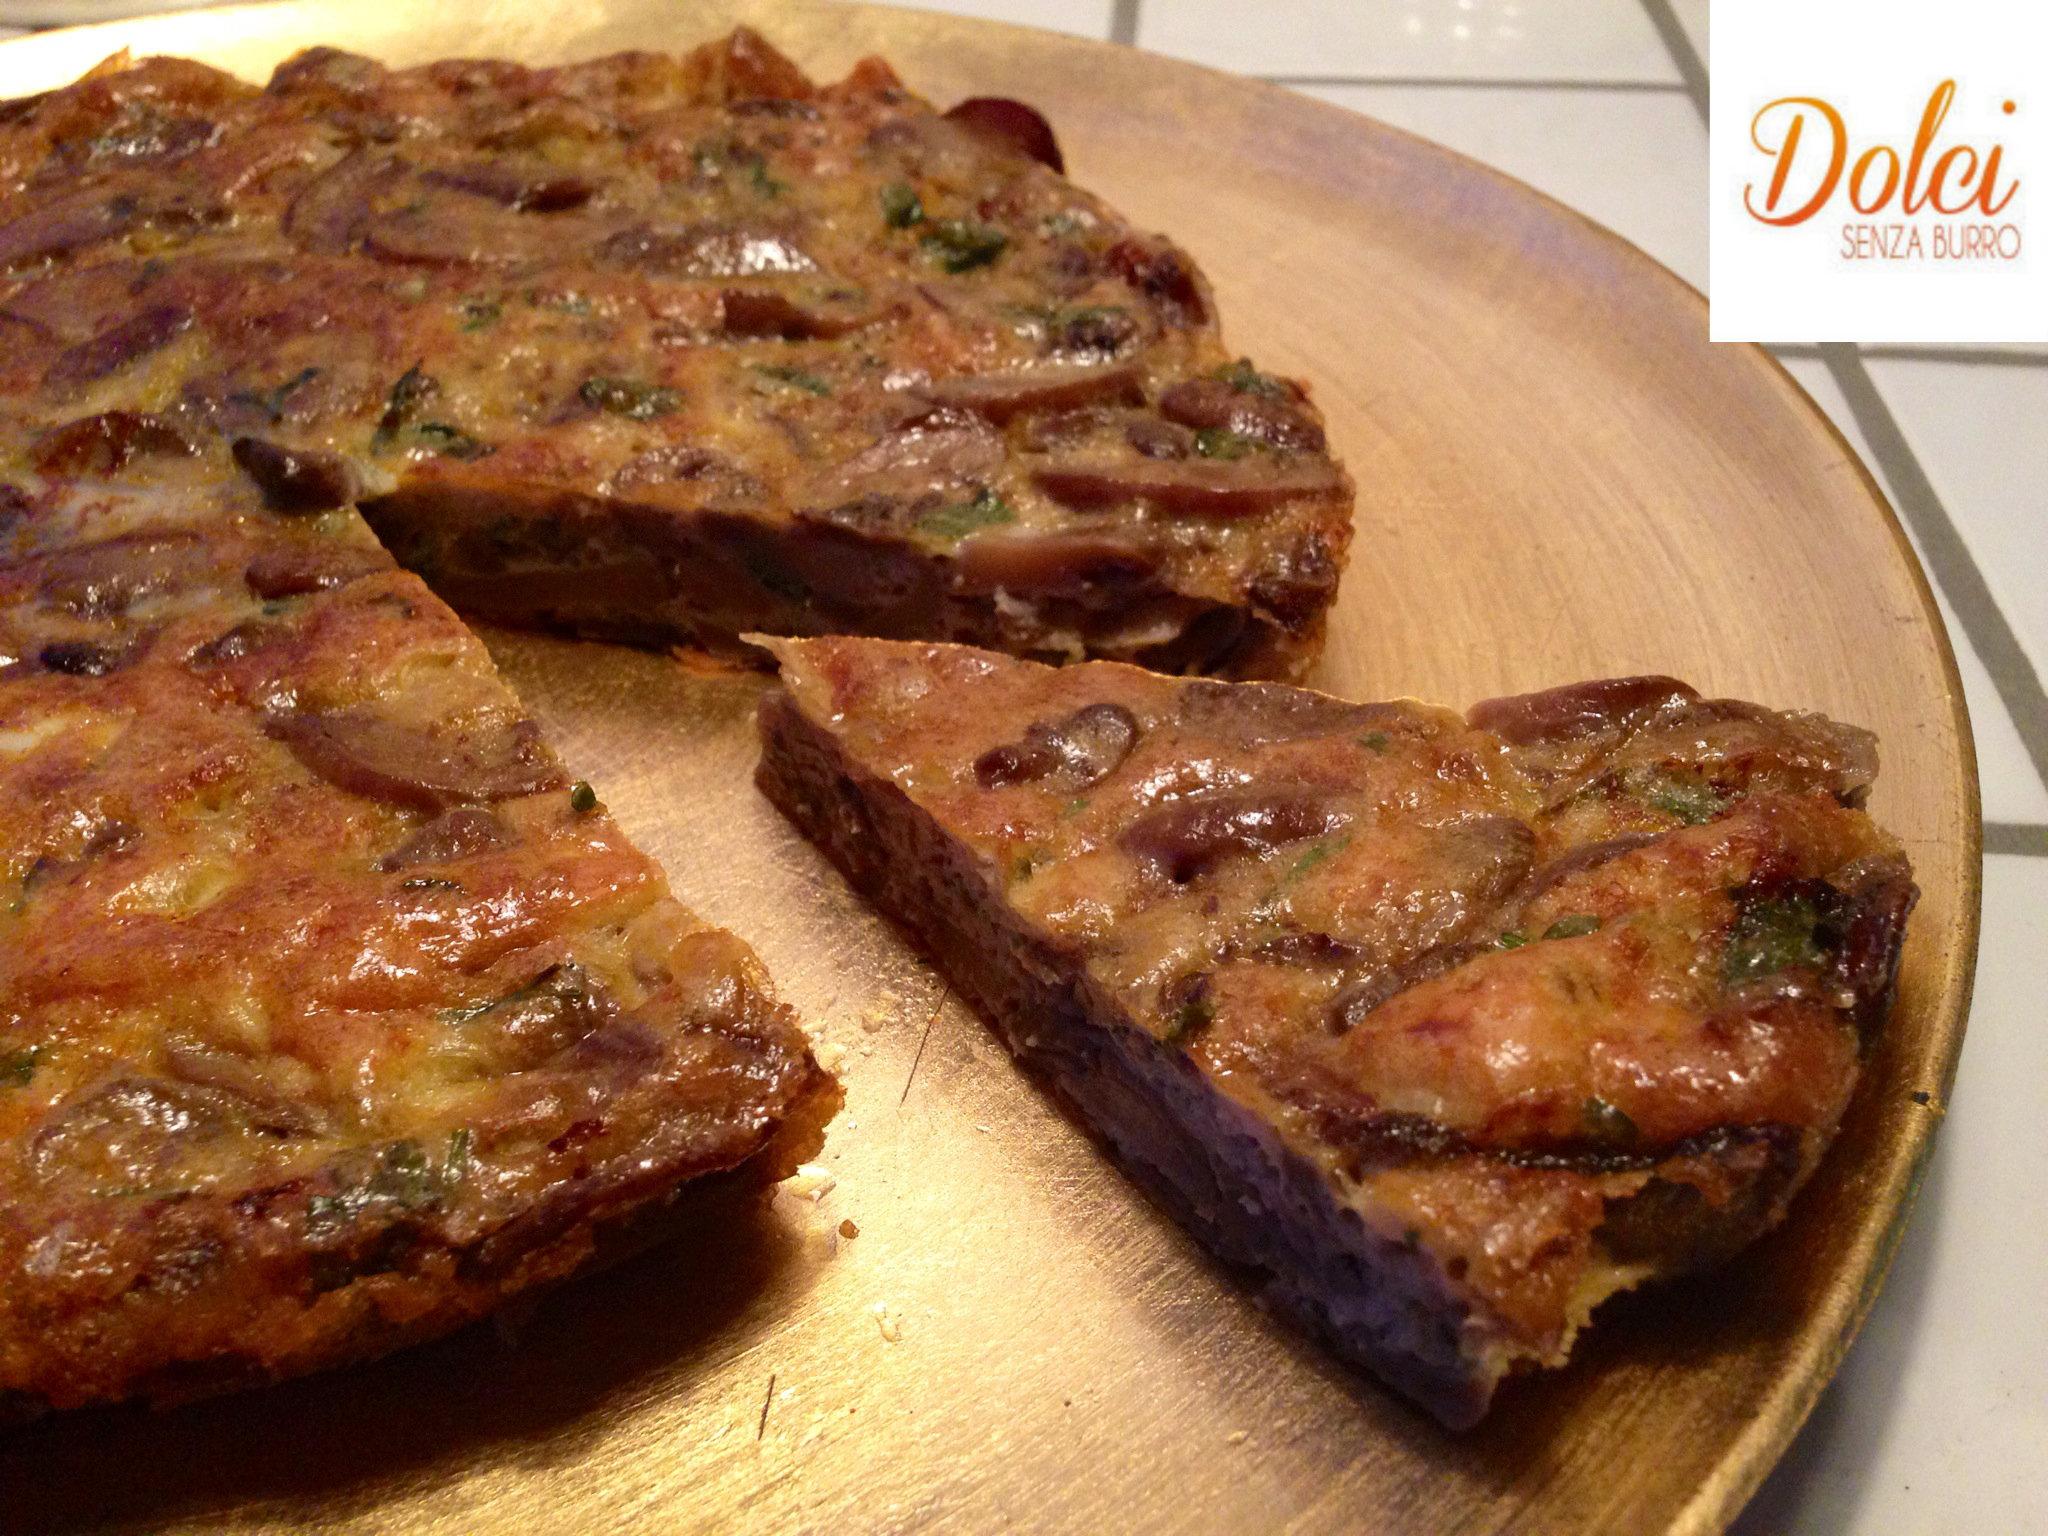 Frittata al Forno di Melanzane e Ricotta un piatto light di dolci senza burro